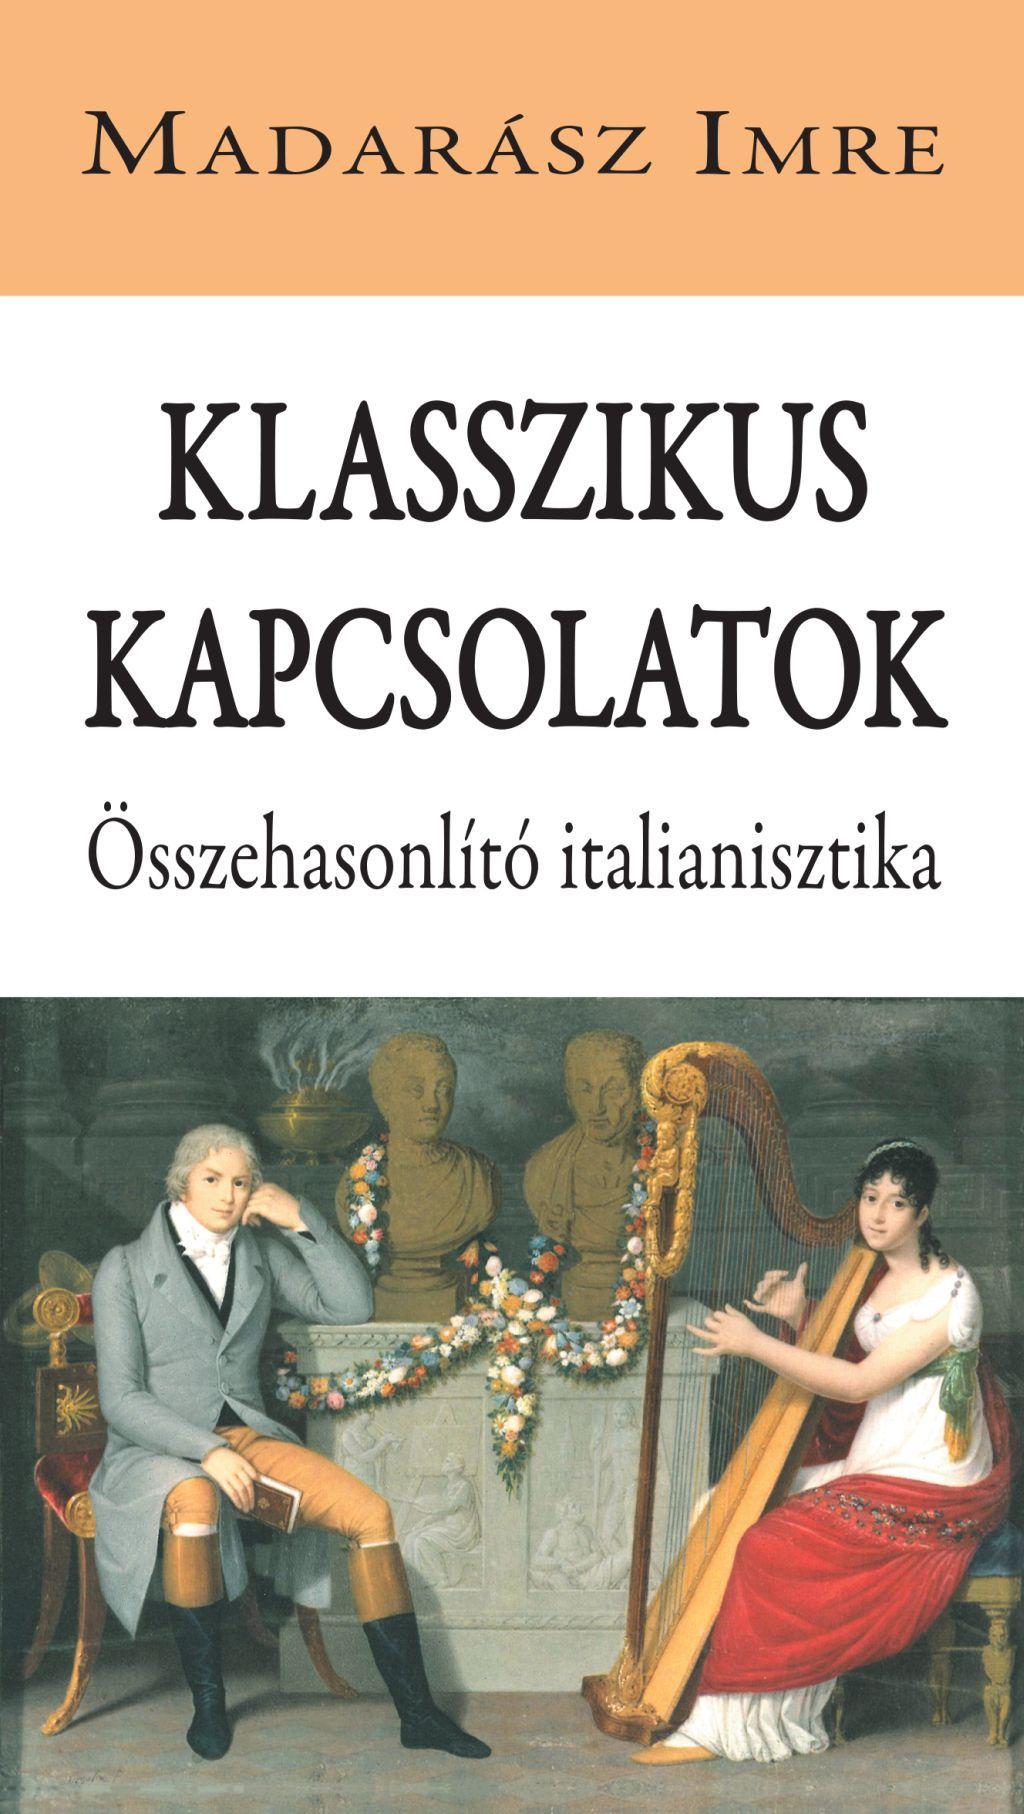 KLASSZIKUS KAPCSOLATOK - ÖSSZEHASONLÍTÓ ITALIANISZTIKA